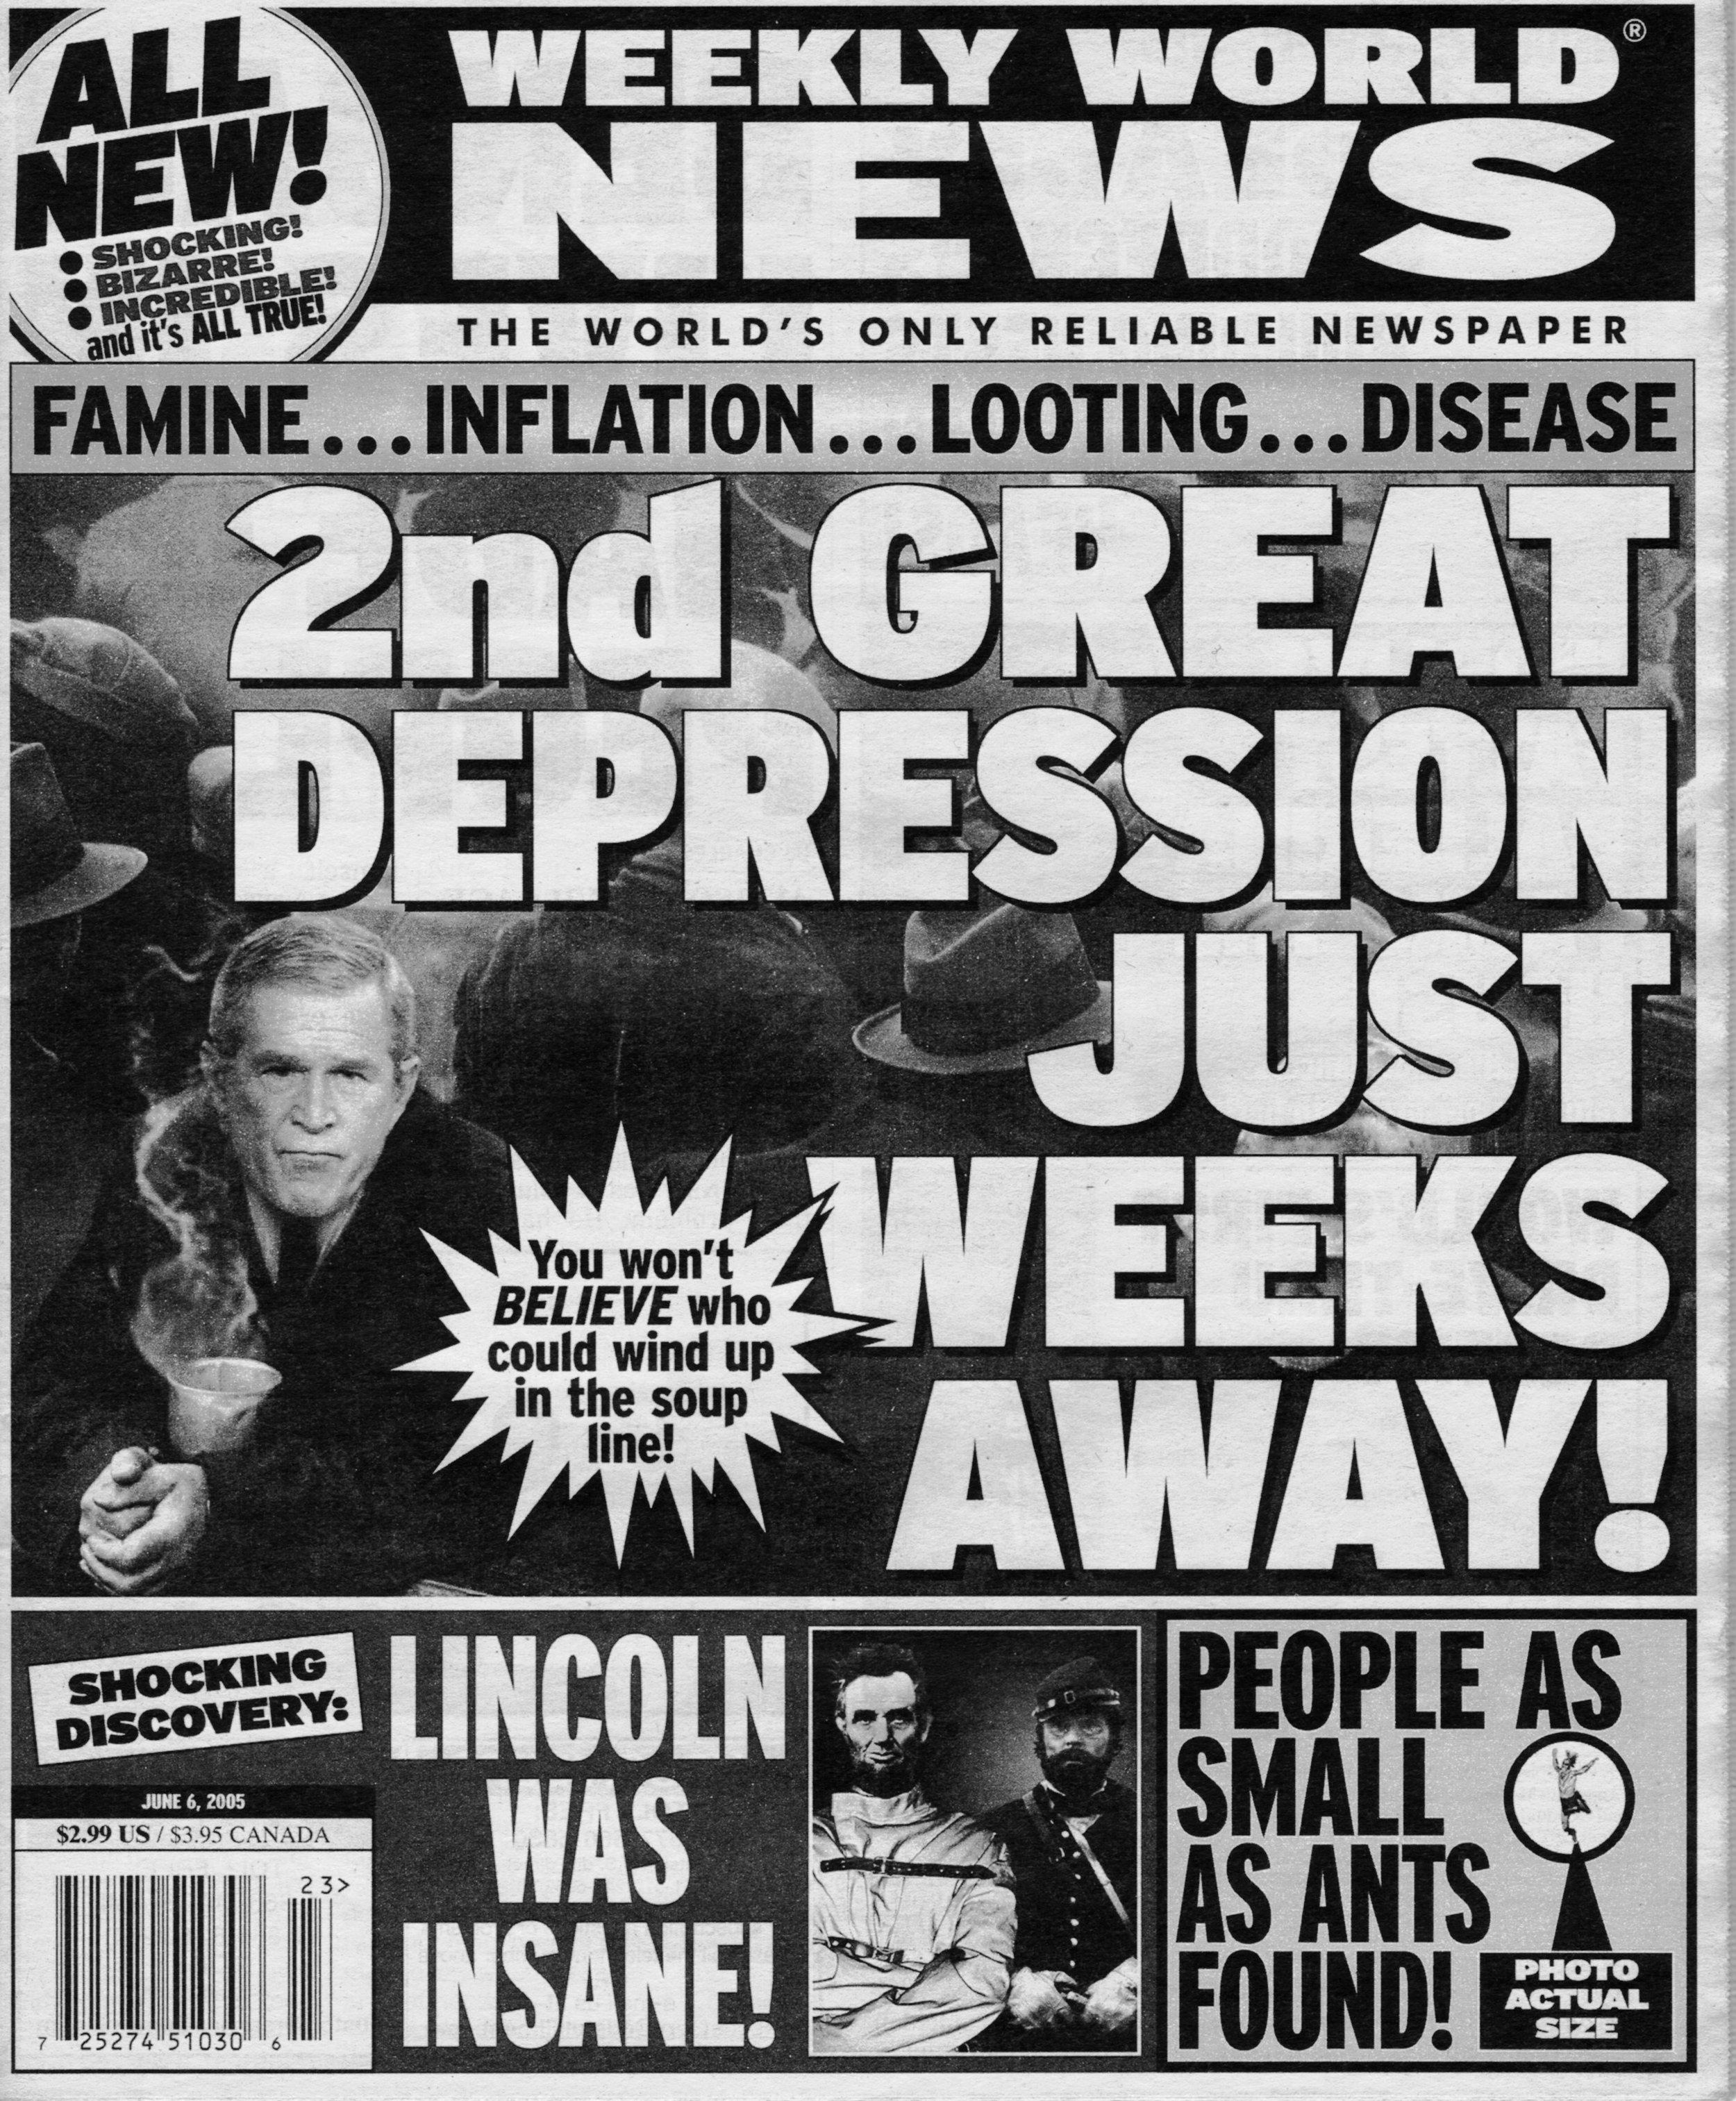 Weekly World News.jpeg